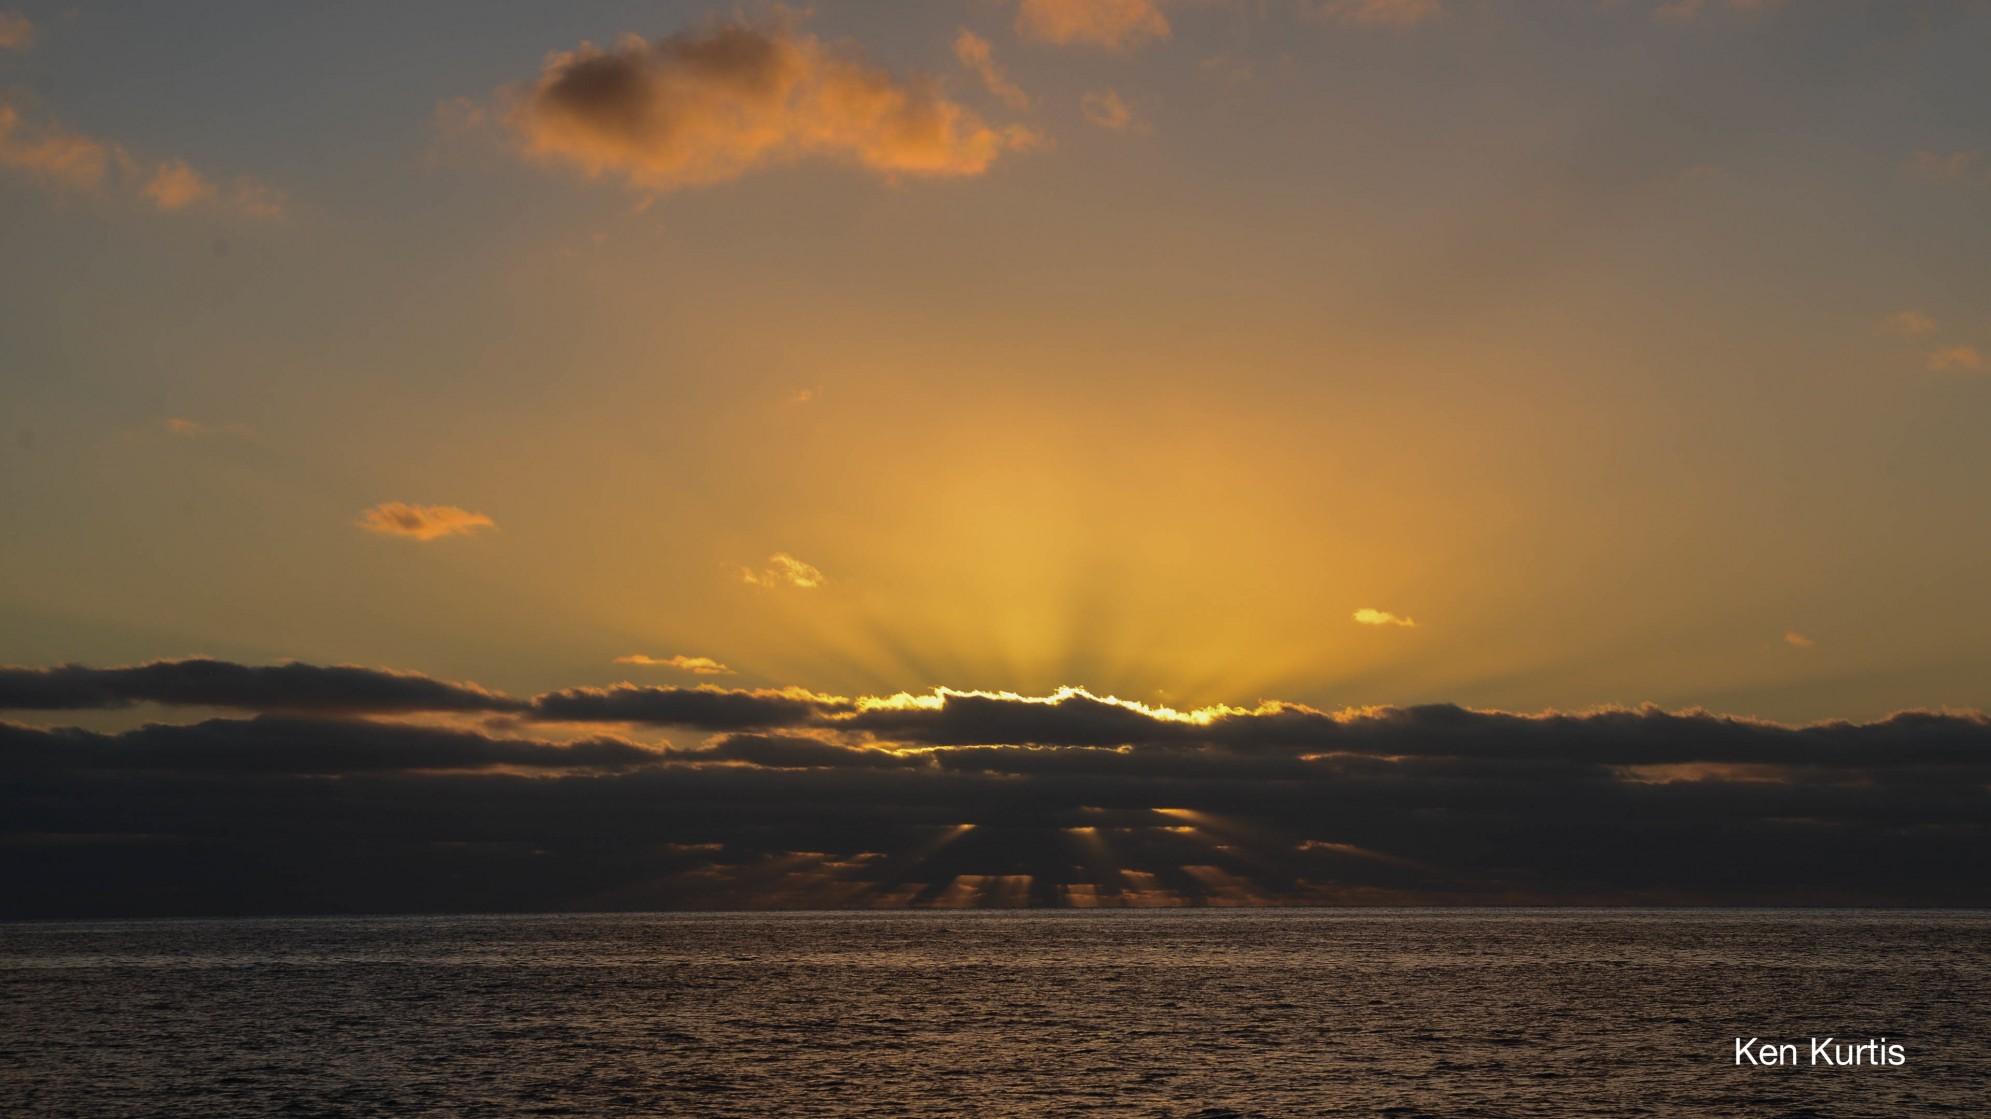 Sunrise at Guadalupe Island